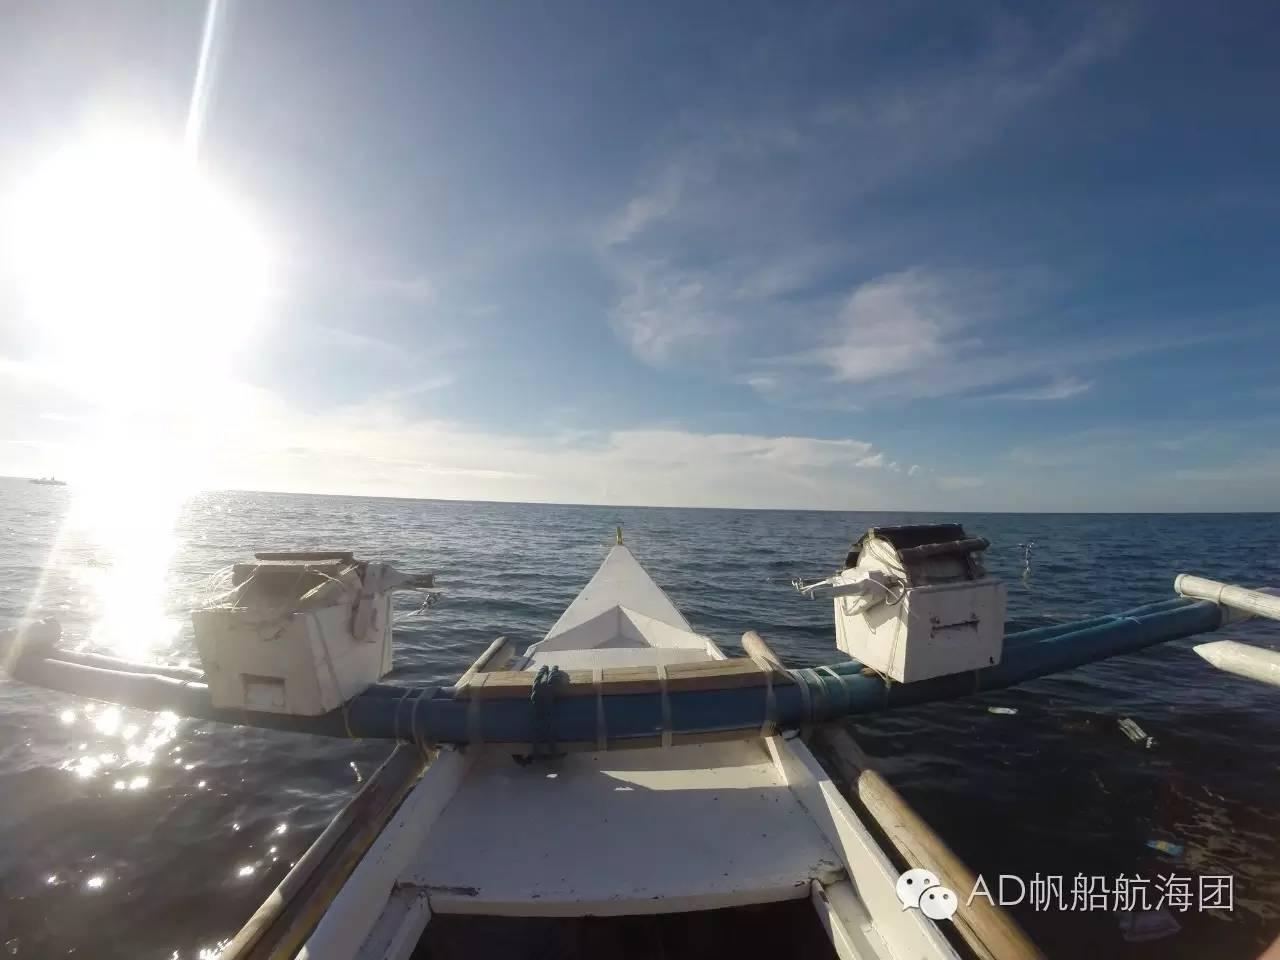 帆船游记二十三:甘米银岛夜捕金枪鱼 d3d31694fd43d3c326590eb570b5af22.jpg